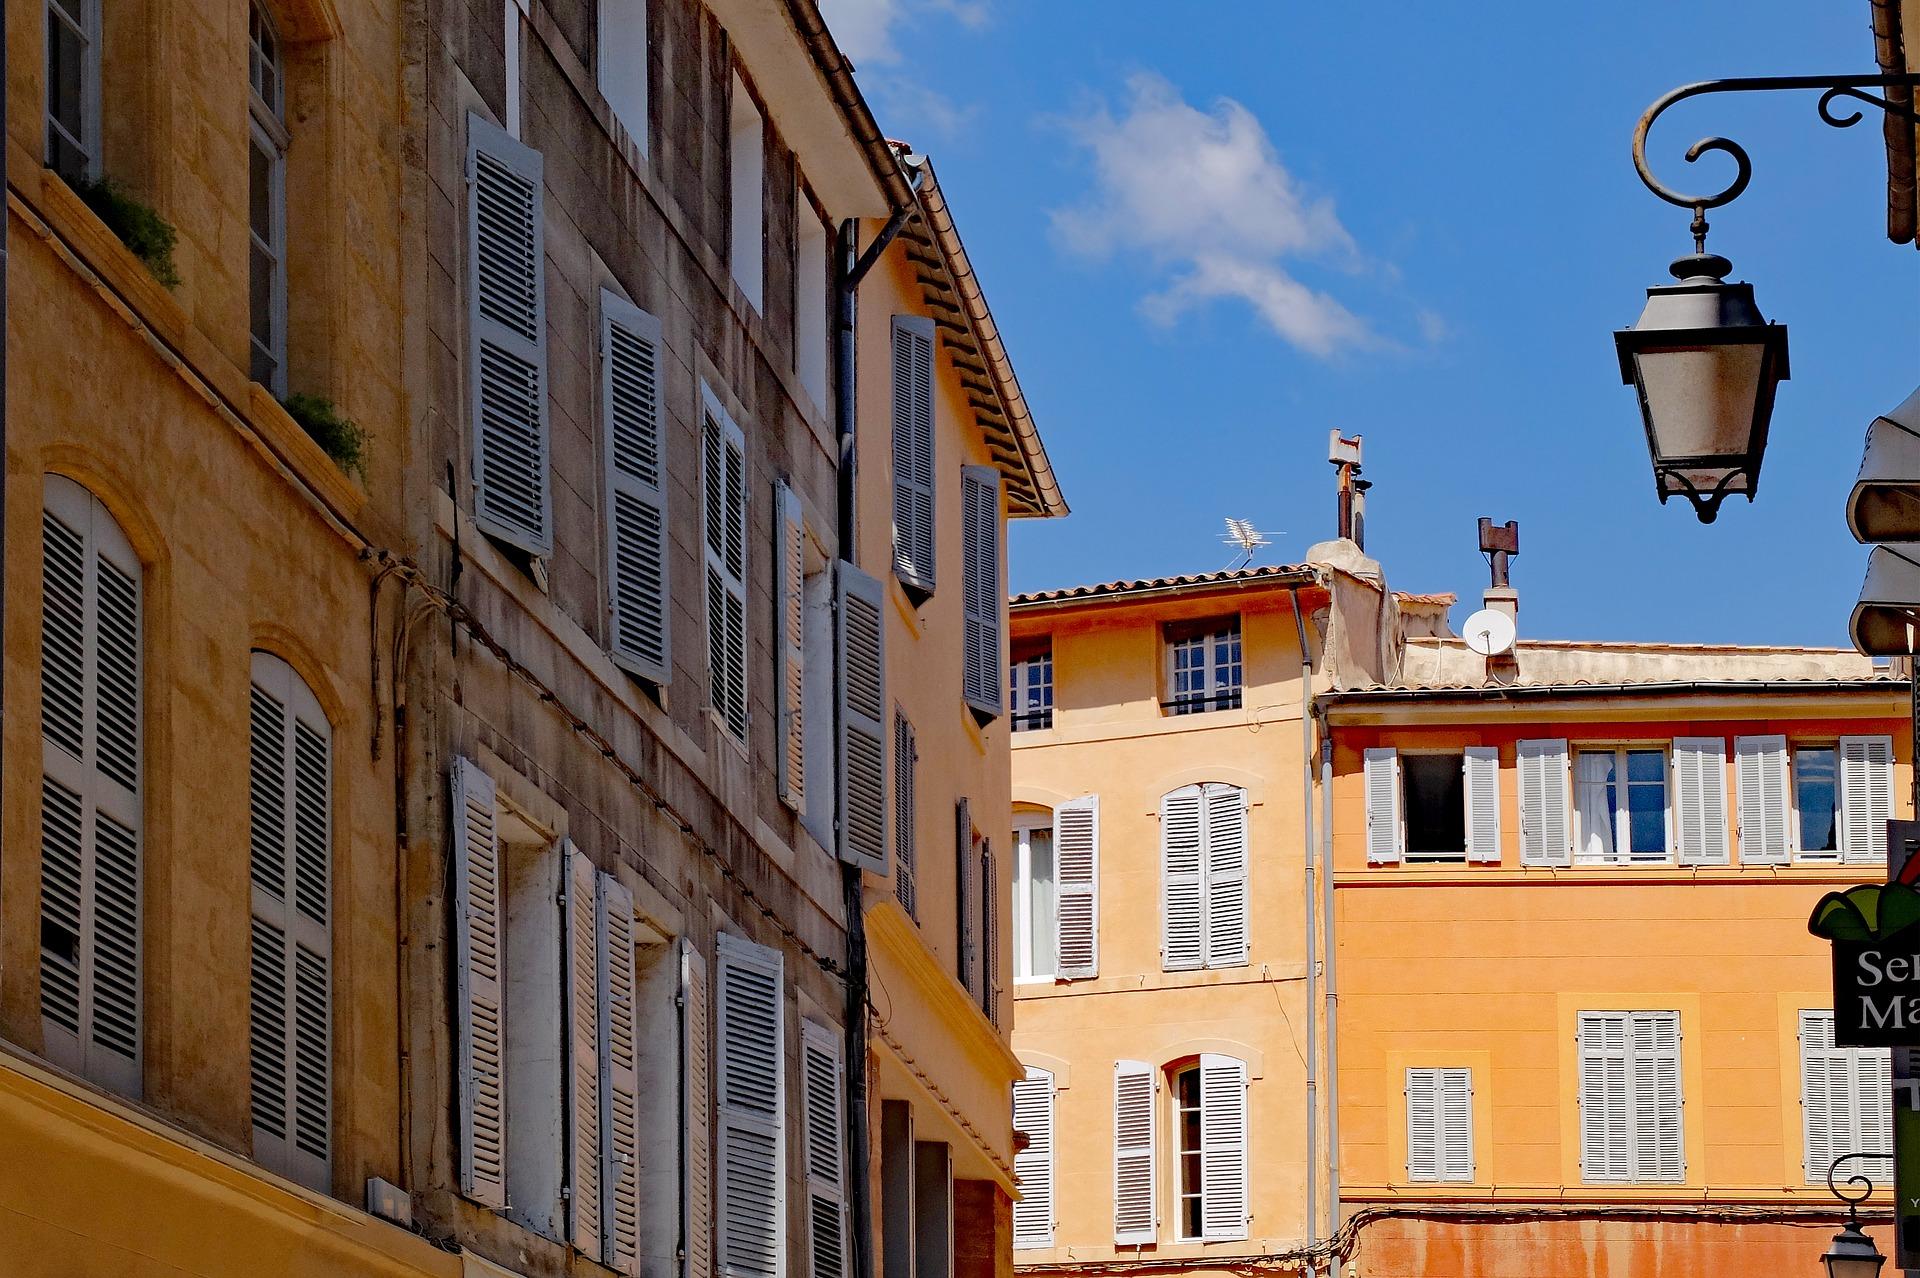 I colori caldi, caratteristici della città di Aix-en-Provence